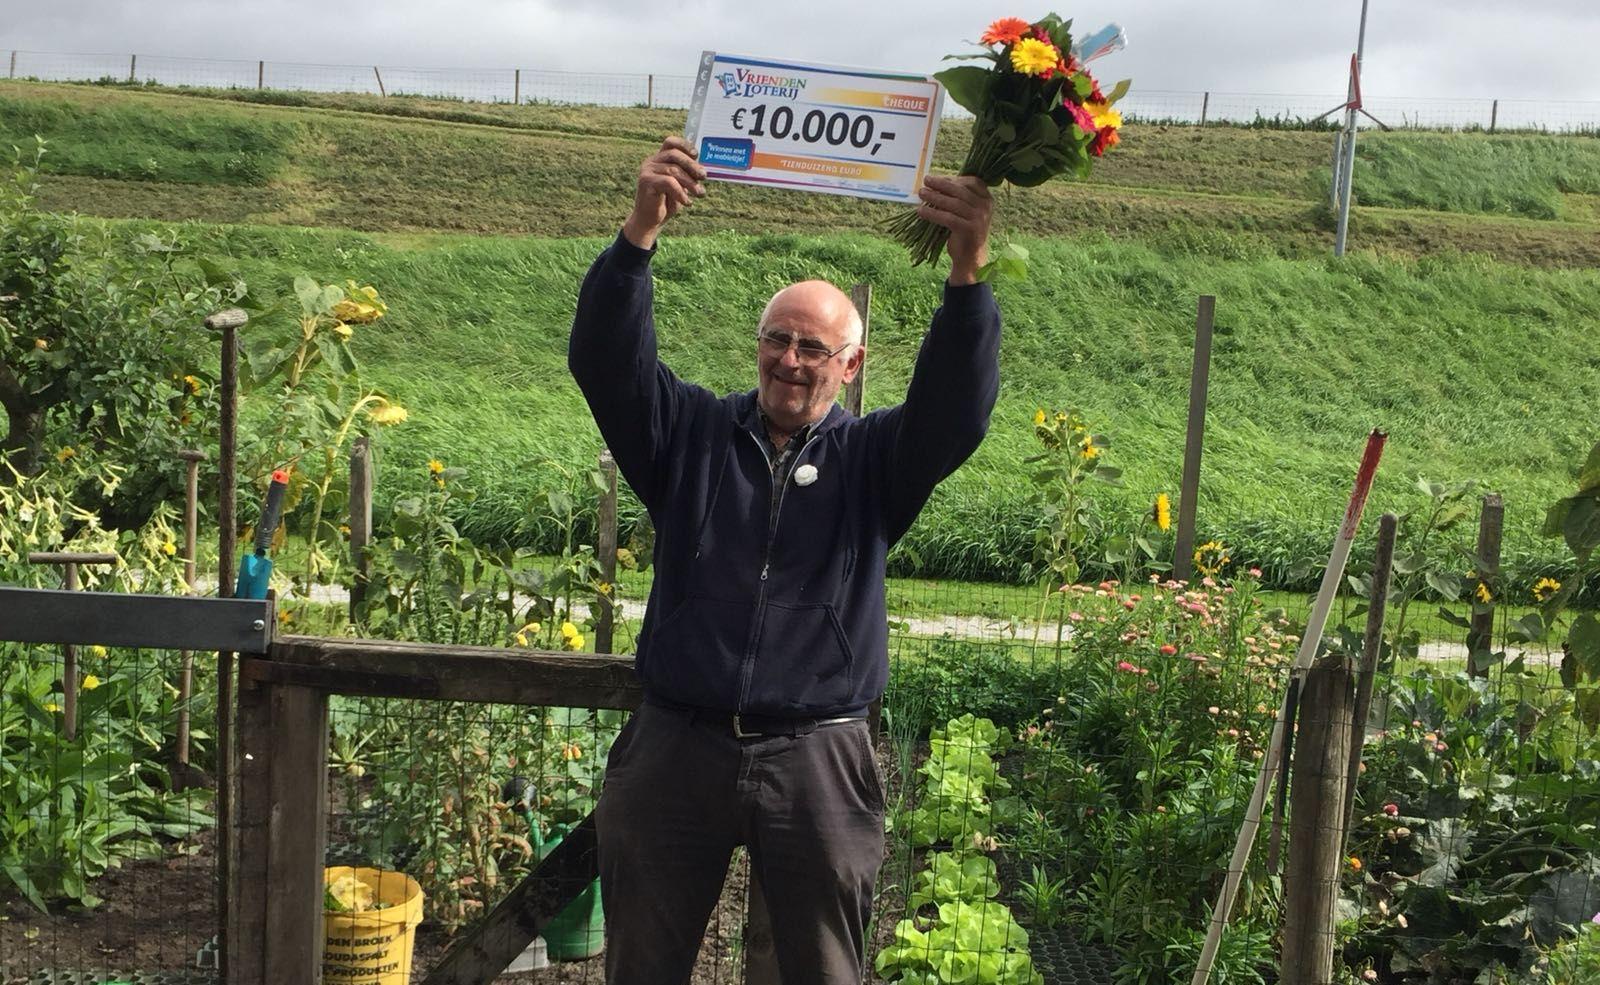 Rene uit Scharwoude wint 10.000 euro in loterij